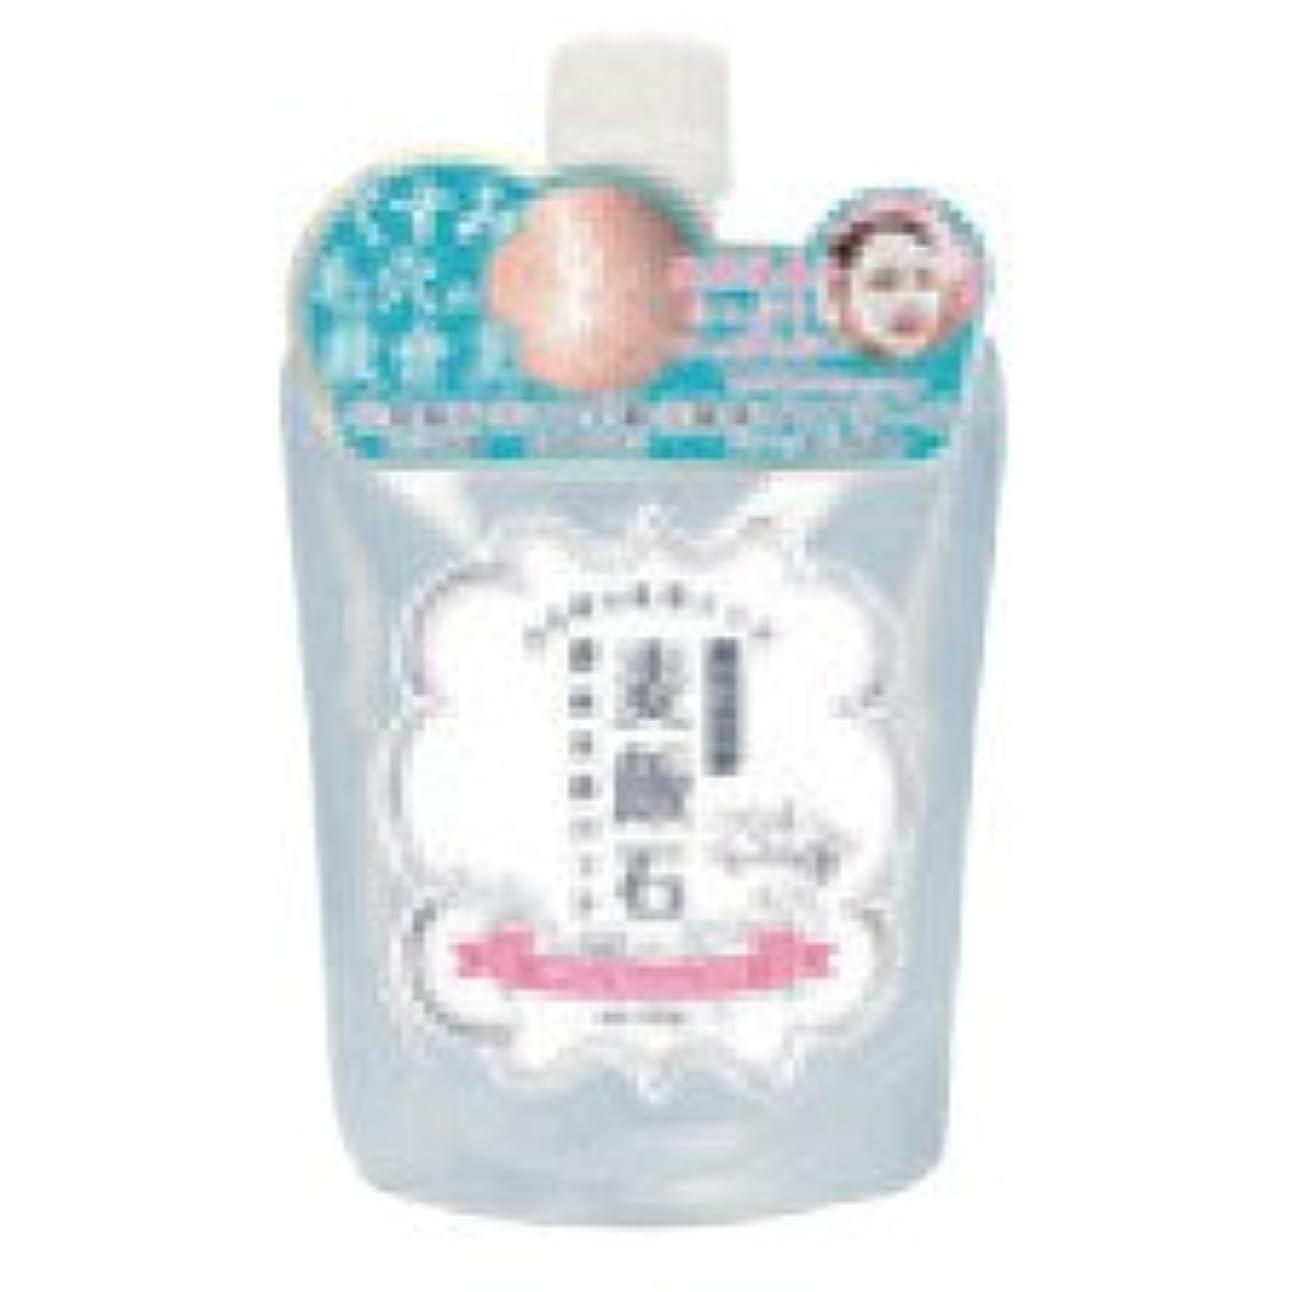 サイトラインマディソンキルトホワイトムースパック 美濃白川麦飯石酵素洗顔パック 100g 2個セット